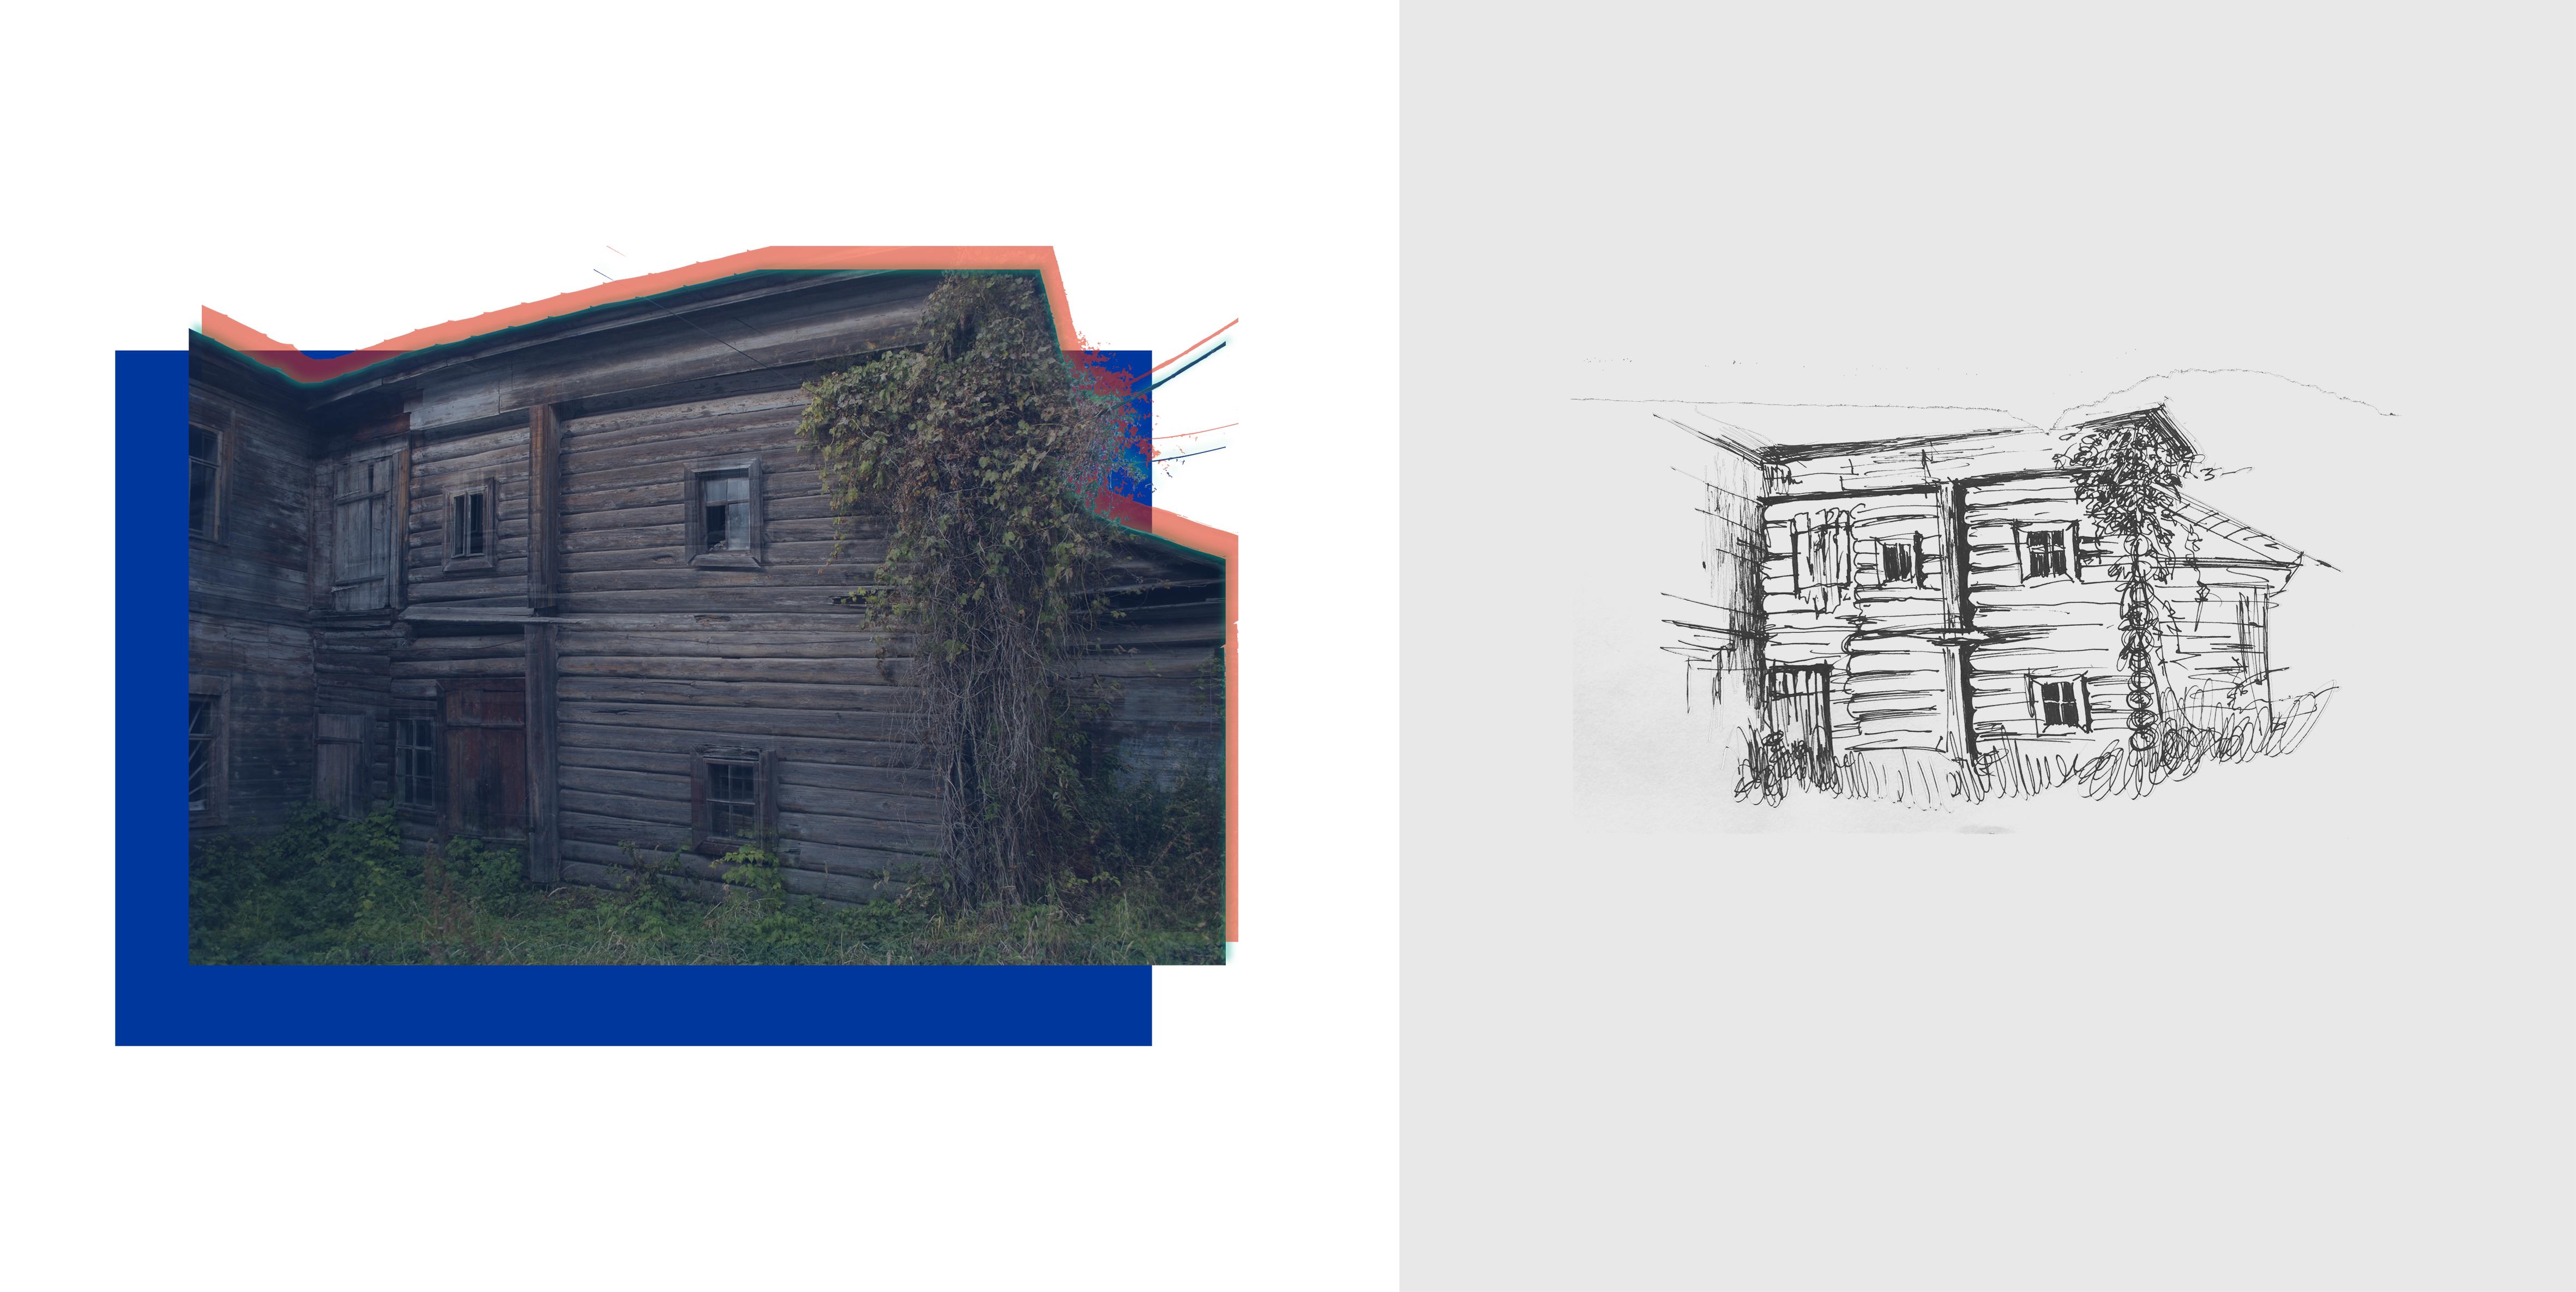 Дом управляющего фабрикой, XIX в., фото и эскиз 2015 г.